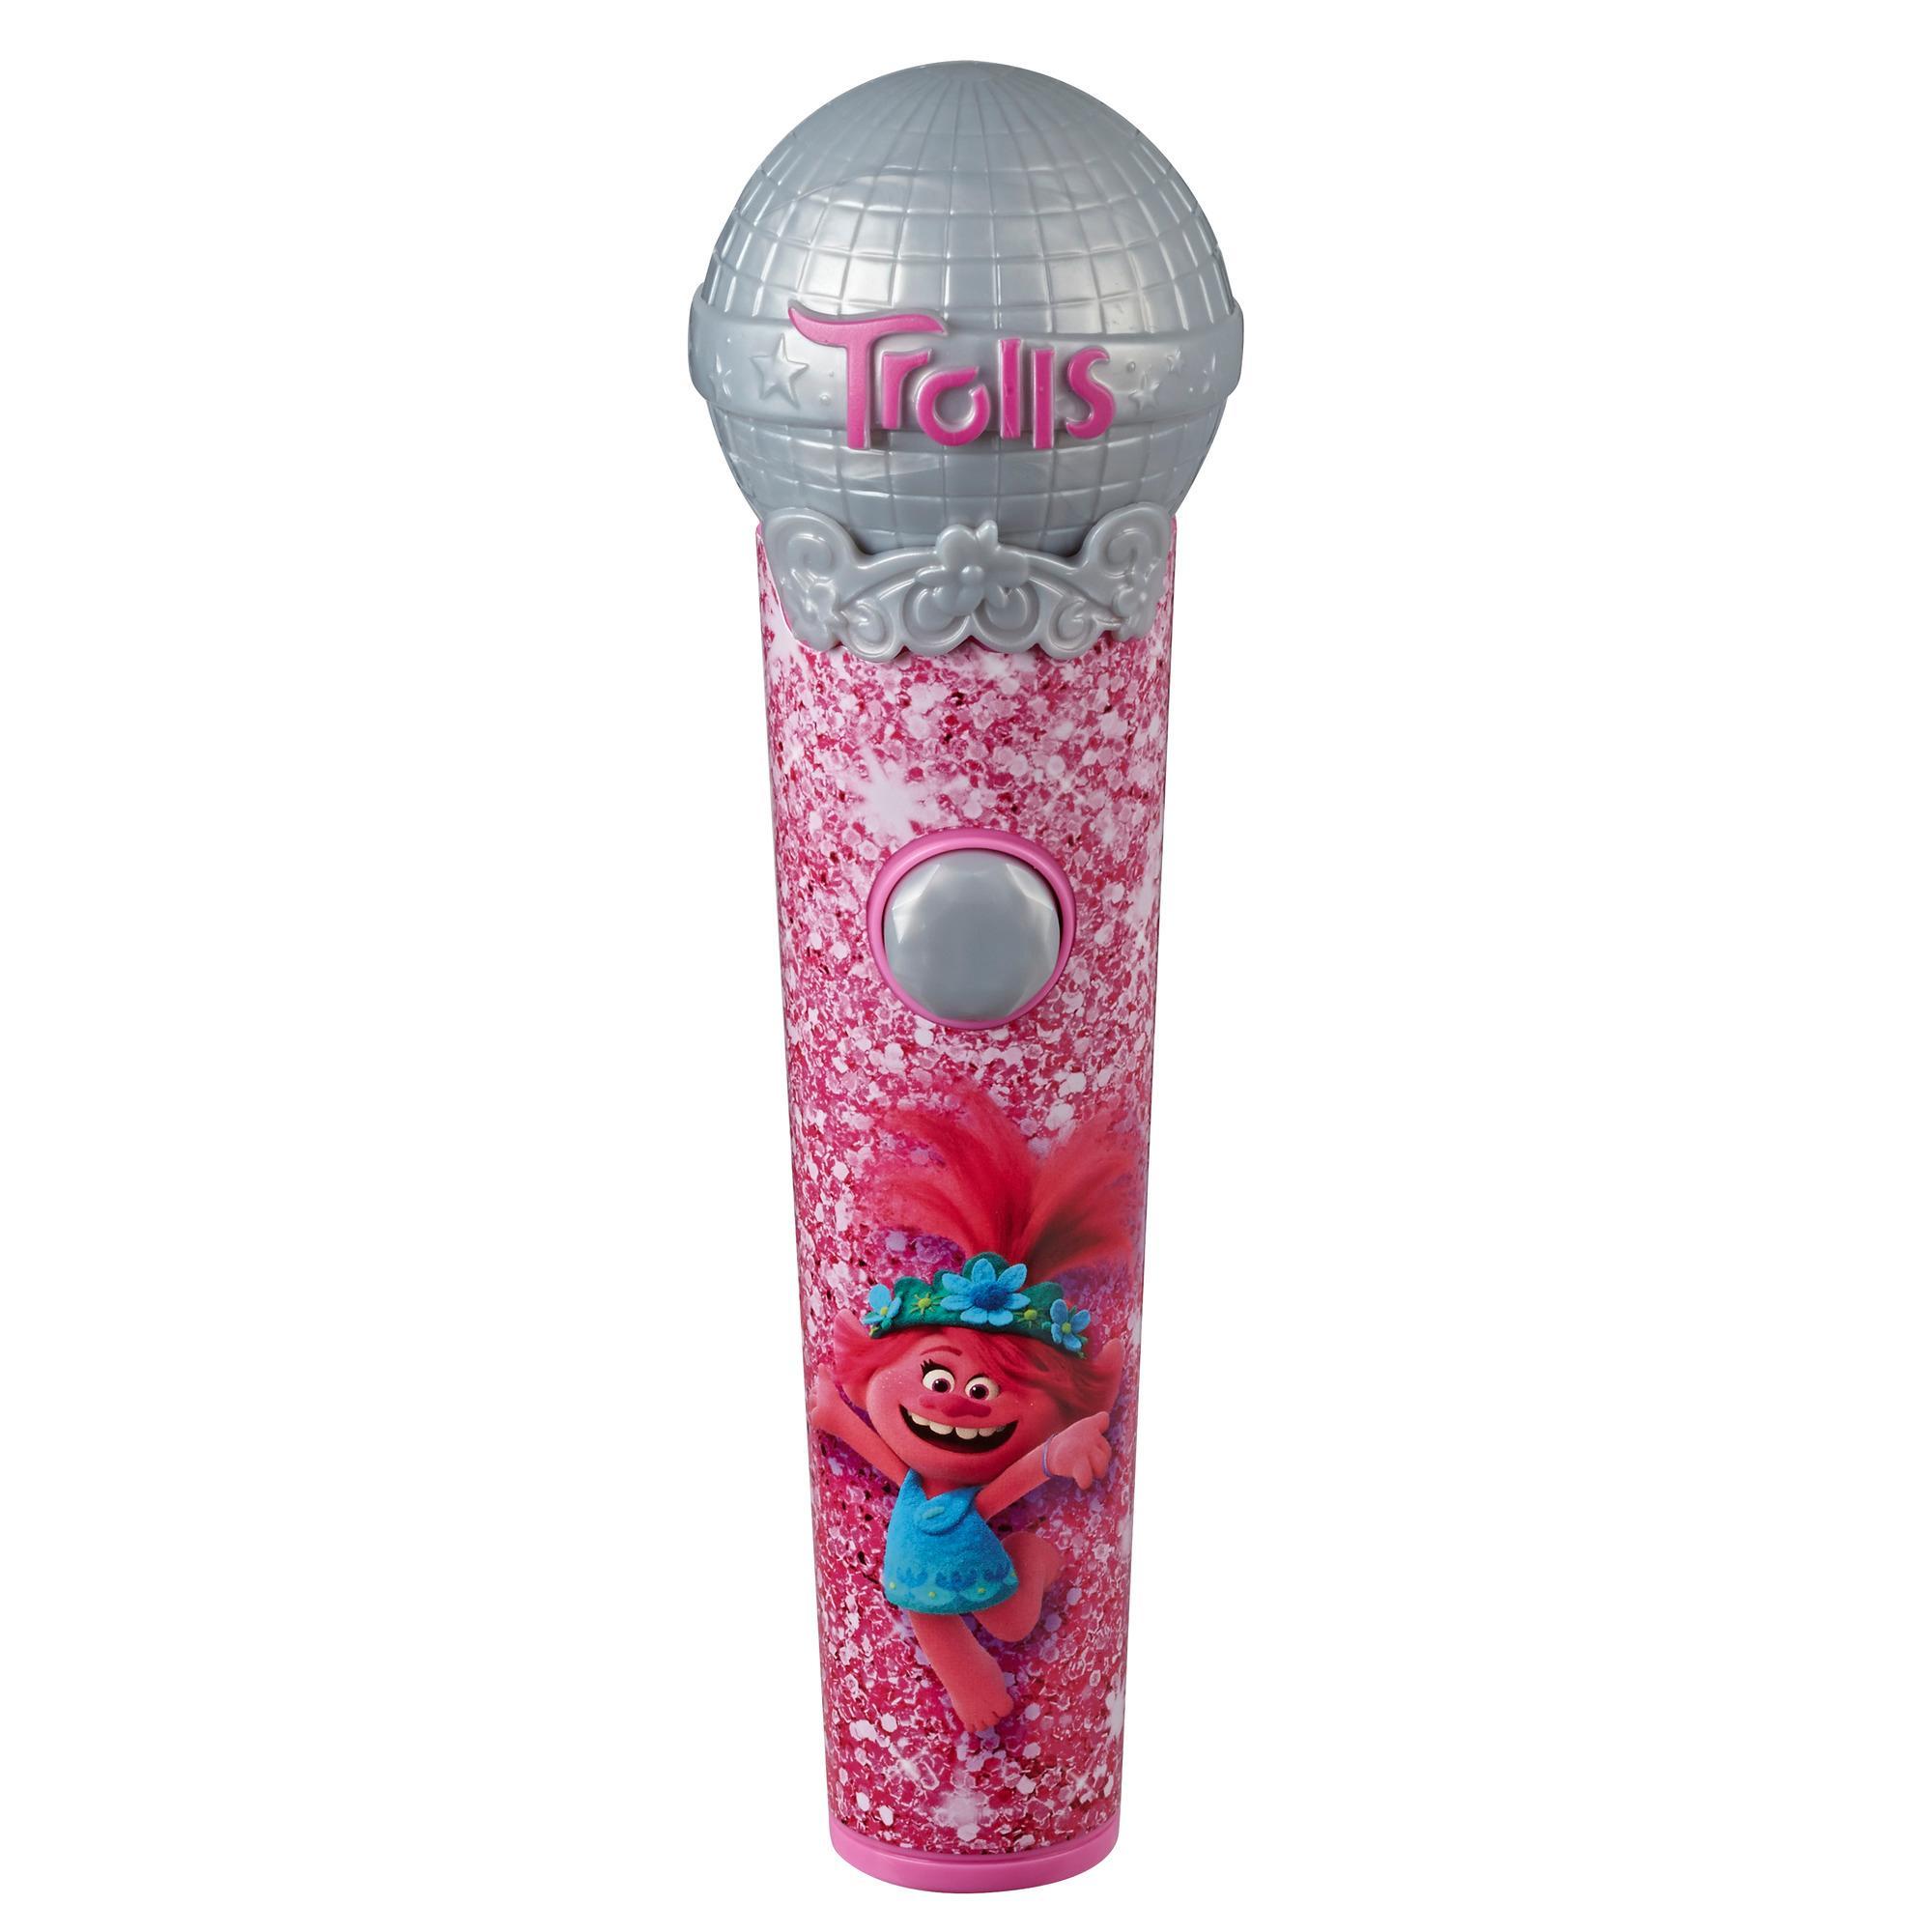 DreamWorks Trolls Poppy's microfoon, muziekspeelgoed met lichtjes en geluid, speelt 5 nummers uit de film Trolls World Tour